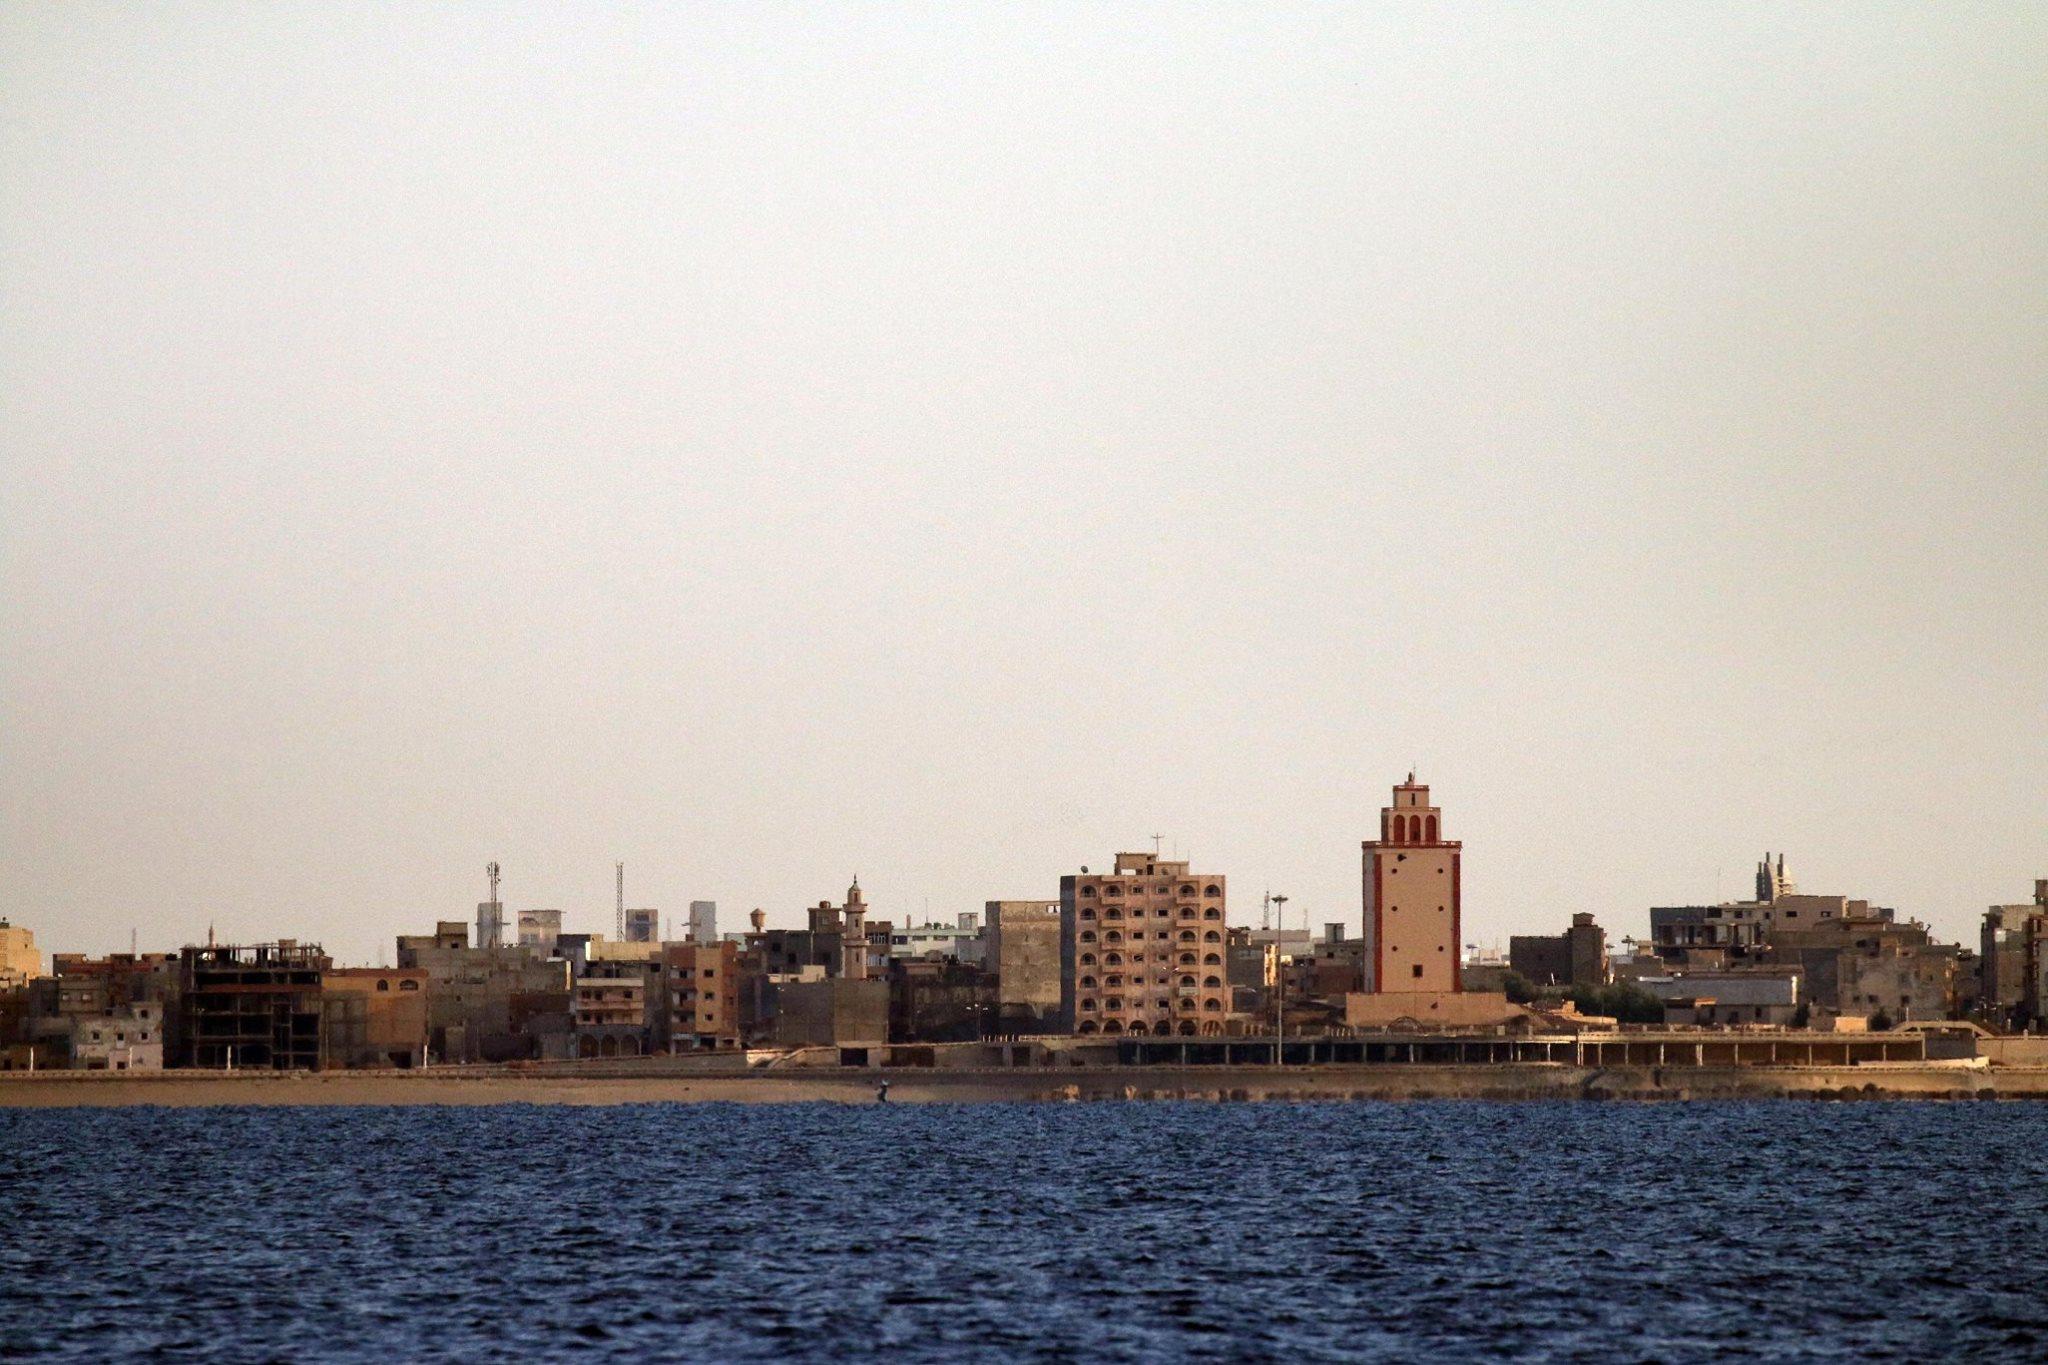 منارة سيدي أخربيش تصوير : عبدالله دومة